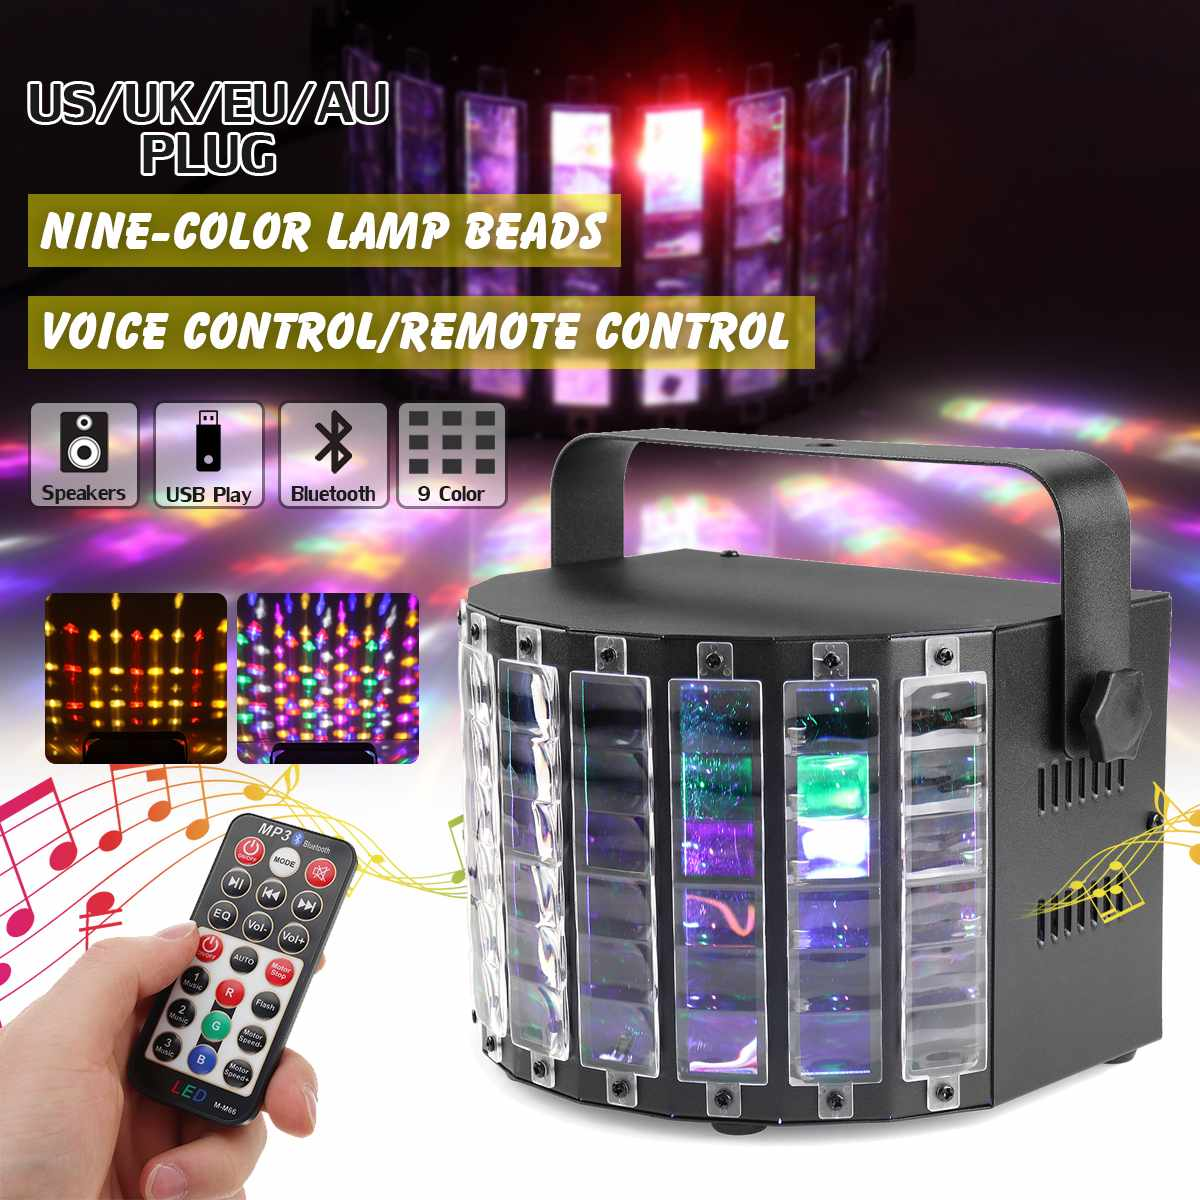 Lumière Disco LED projecteur Laser télécommande son contrôle lumière rvb fête scène lumière DJ musique Support USB/SD sans fil bluetooth